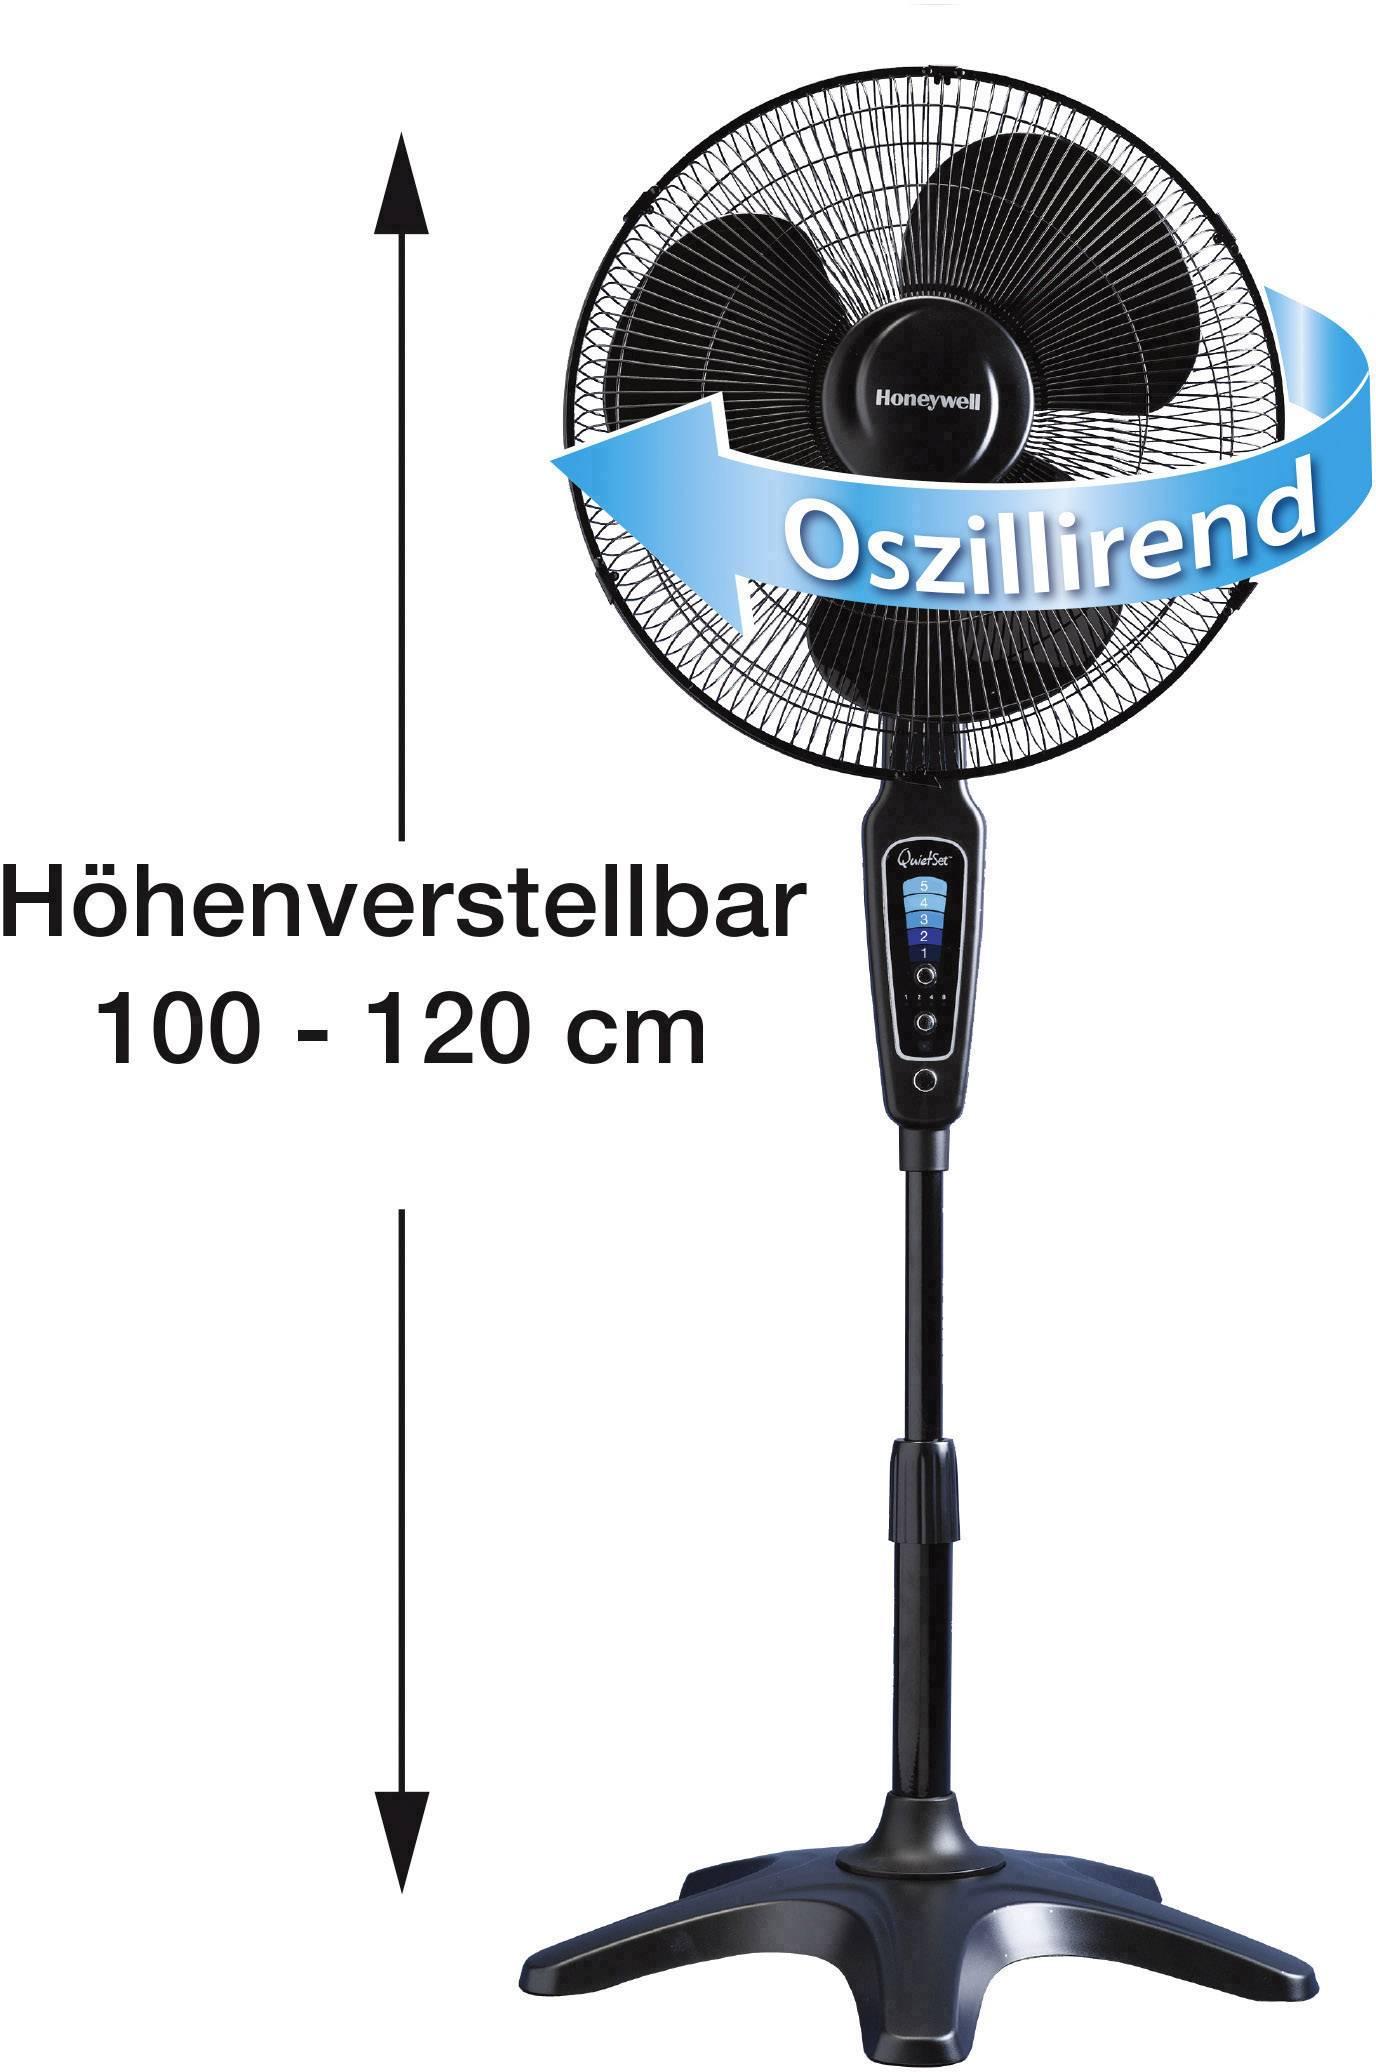 Honeywell HS1655E4 Ventilatore con Altezza Regolabile Nero//Cromo